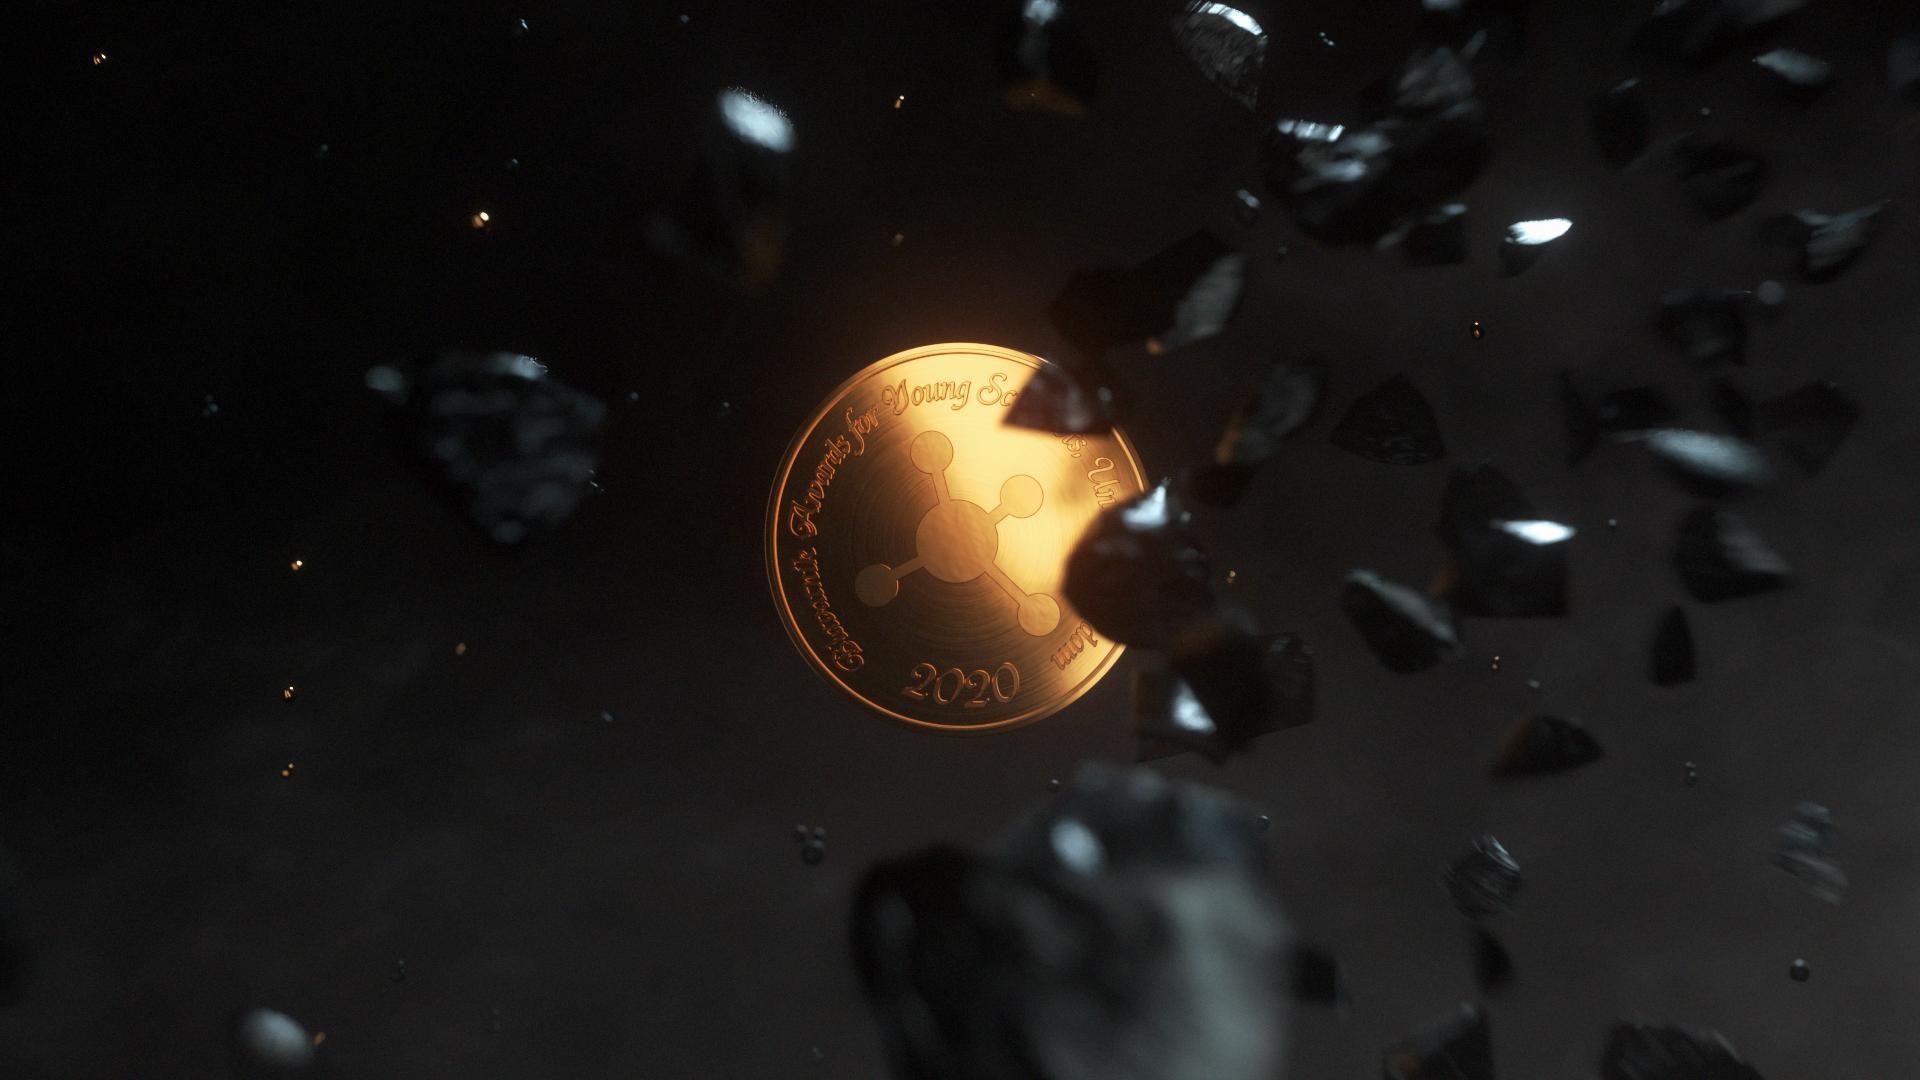 BAYS_Medals_00000